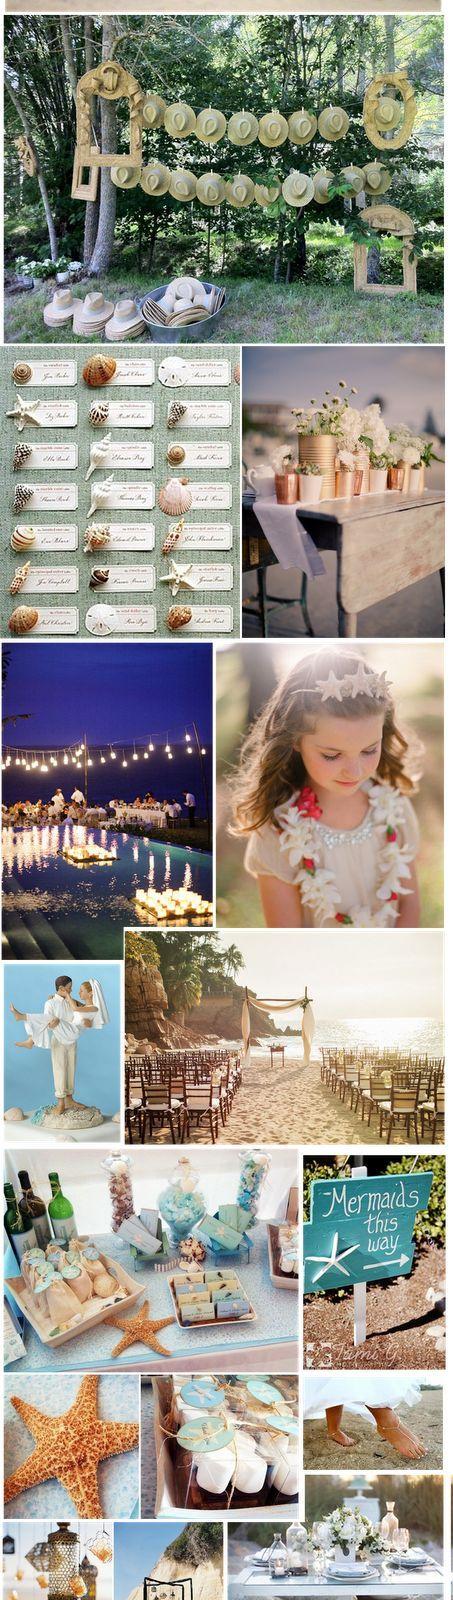 Porque una boda en la playa también tiene esos detalles que la harán única. Desde las decoraciones hasta las mesas, los postres y el entorno. ¡Descúbrelo!